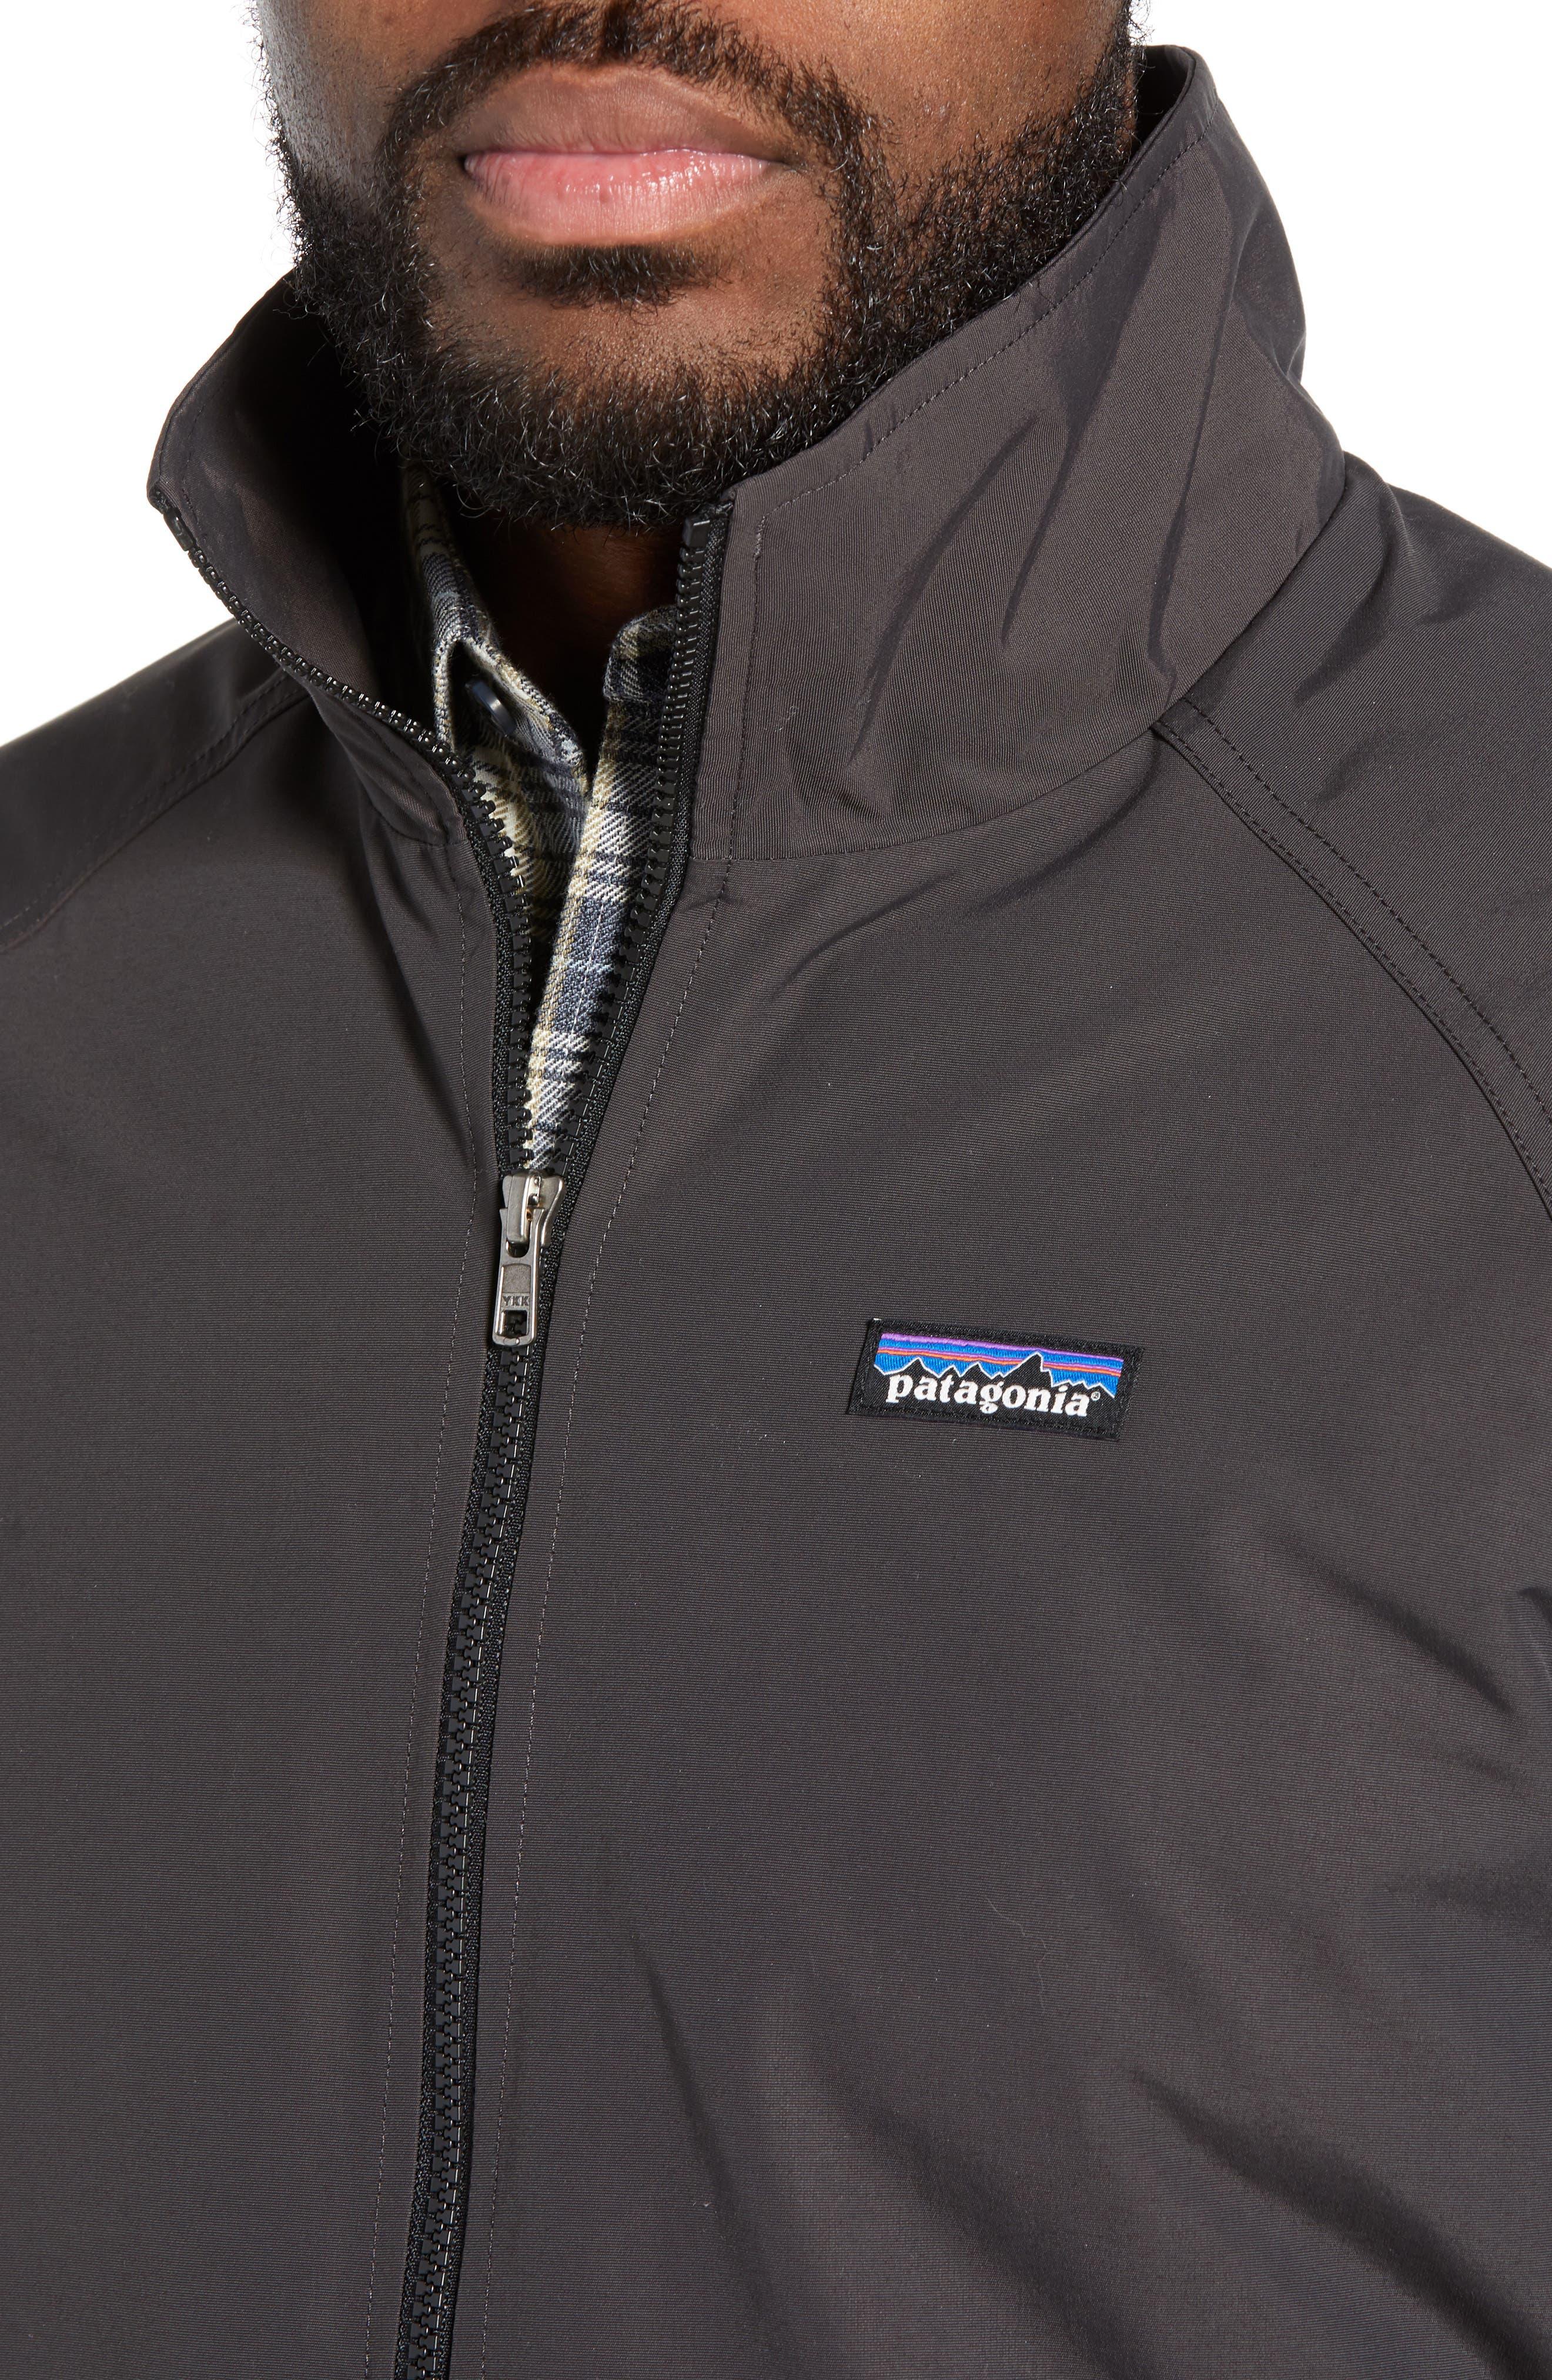 PATAGONIA, Baggies Wind & Water Resistant Jacket, Alternate thumbnail 5, color, INK BLACK